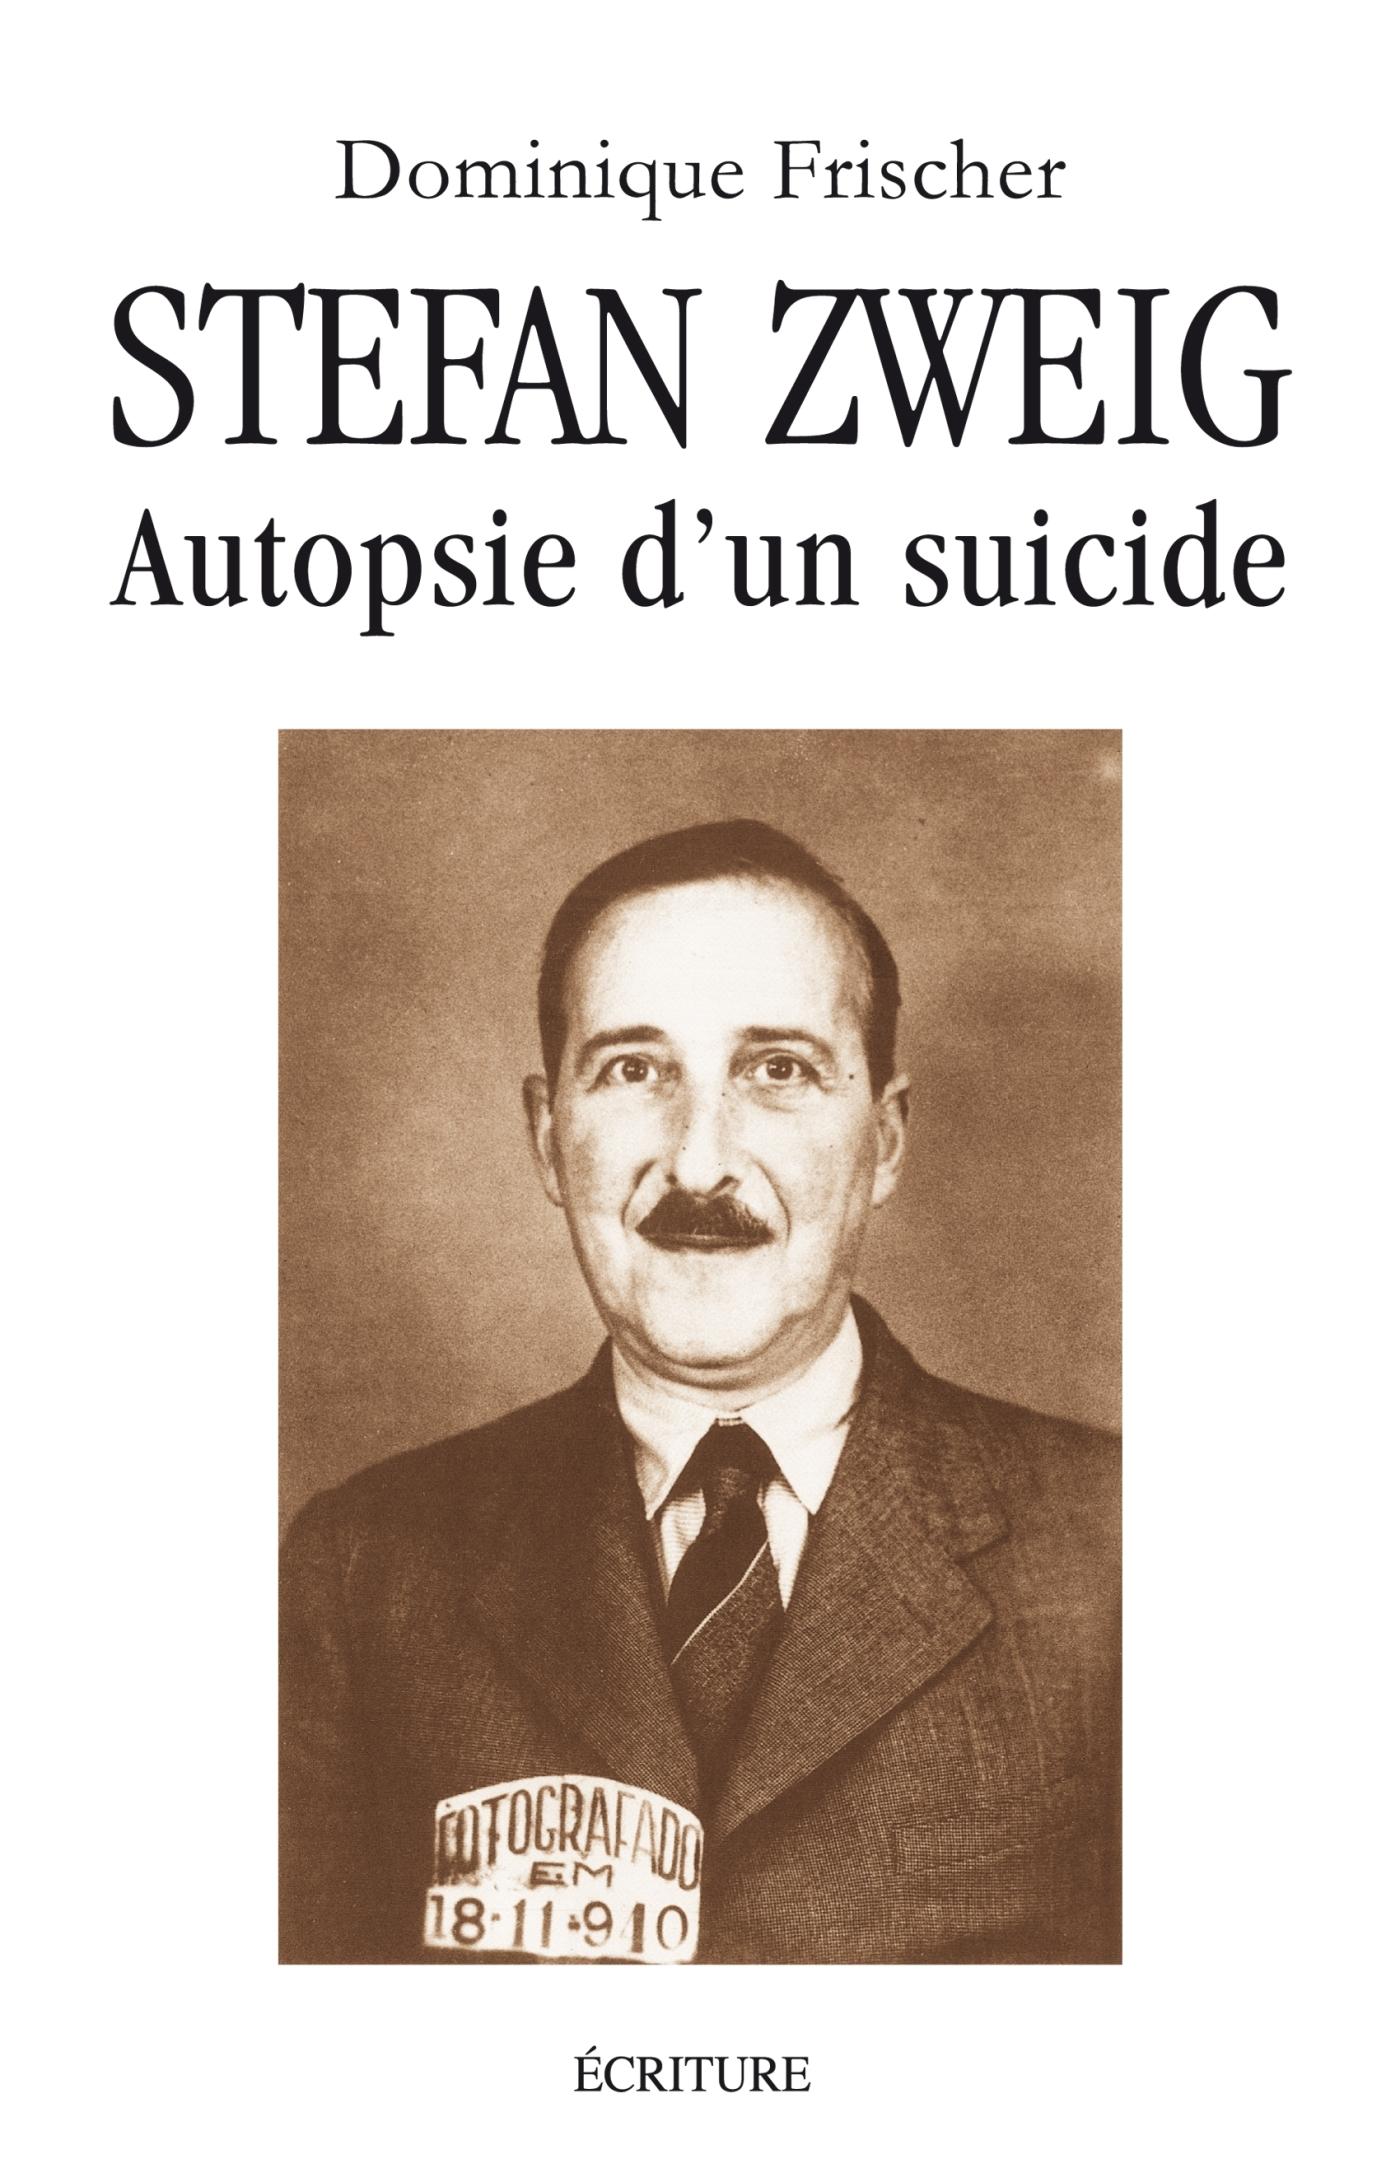 Zweig, autopsie d'un suicide